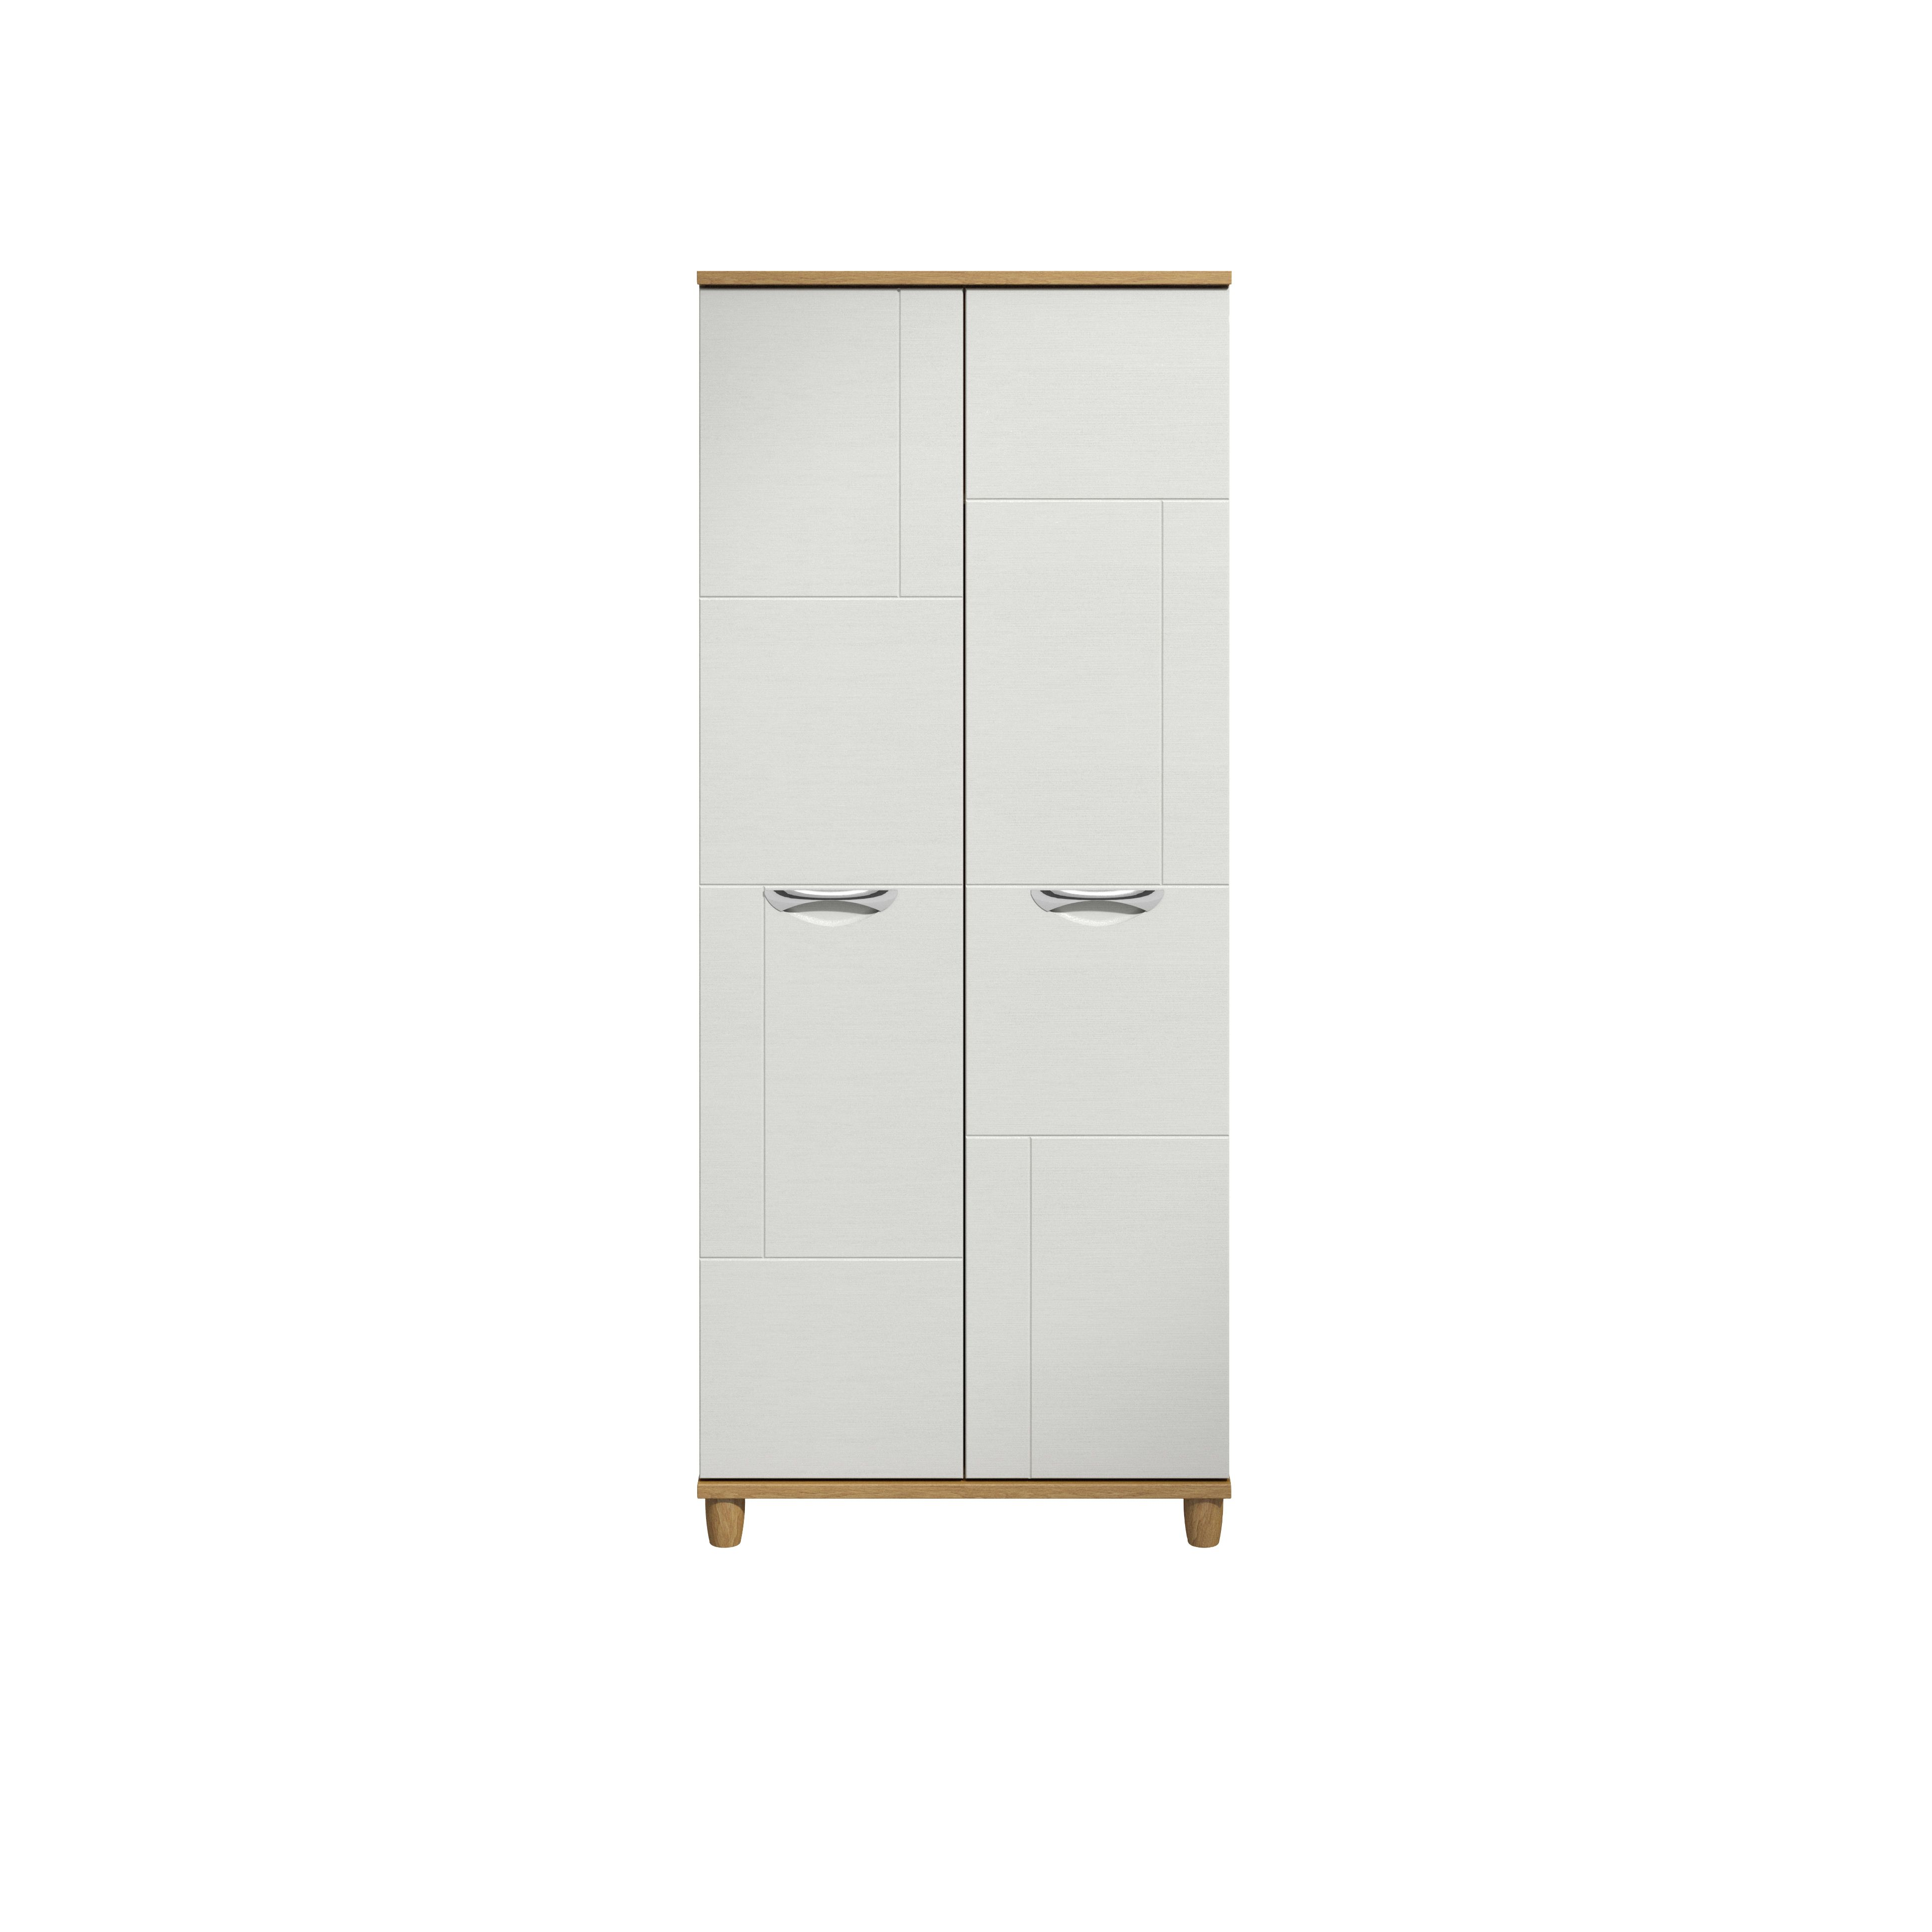 Juno White Oak Effect 2 Door Wardrobe (h)1930mm (w)800mm